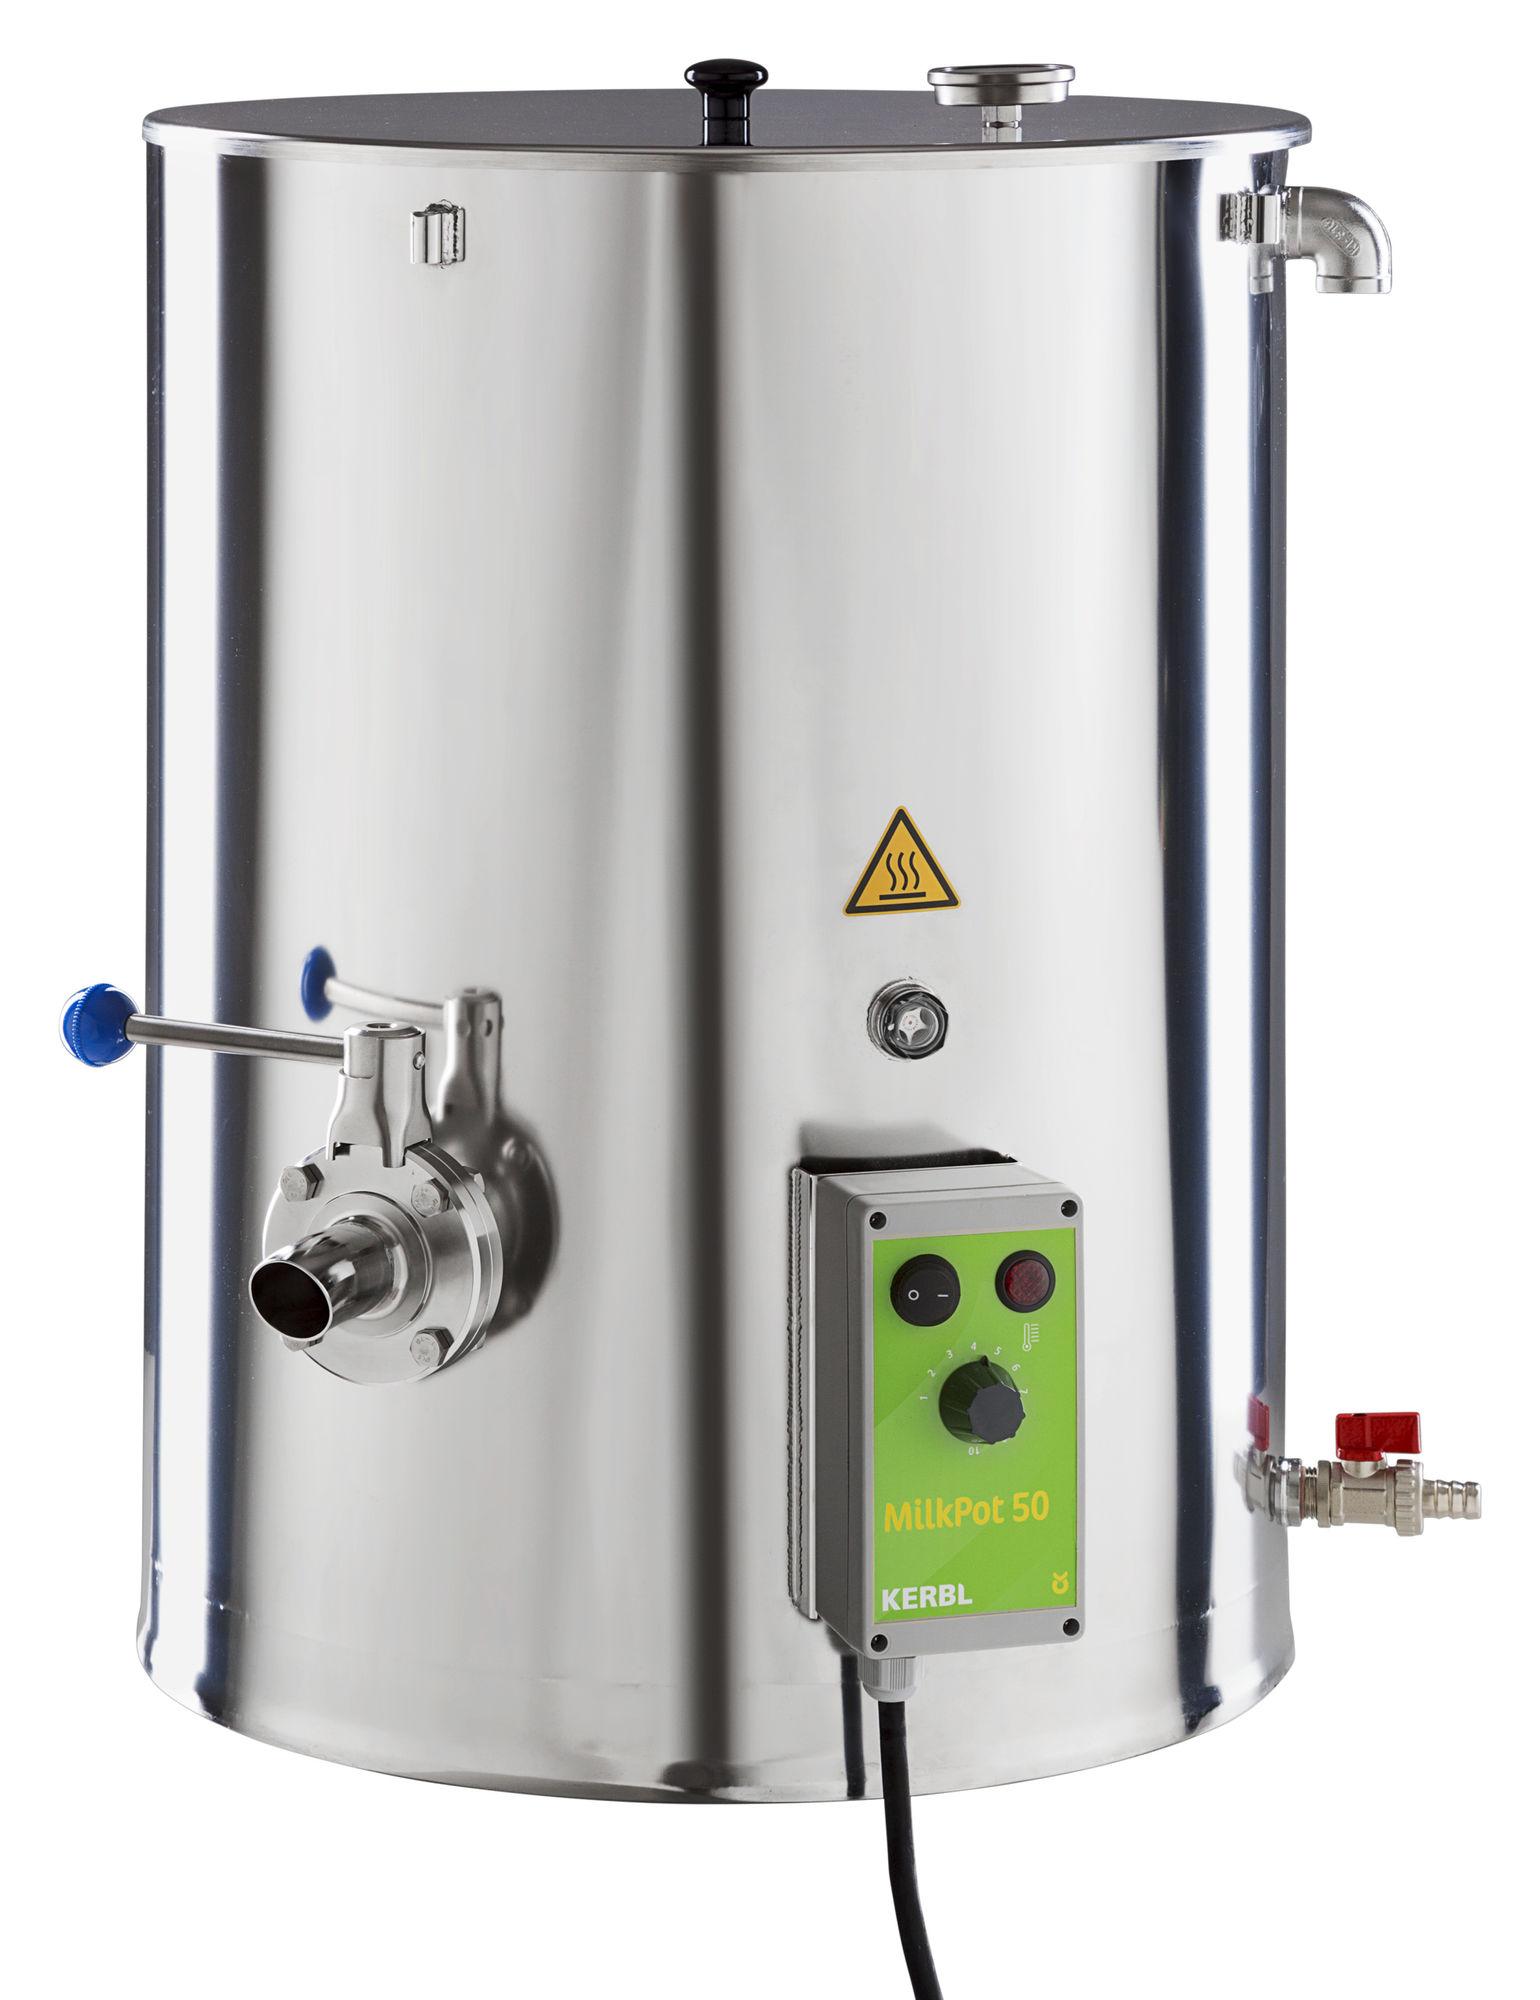 MilkPot 50 Milcherwärmer 50 Liter, 2500 W